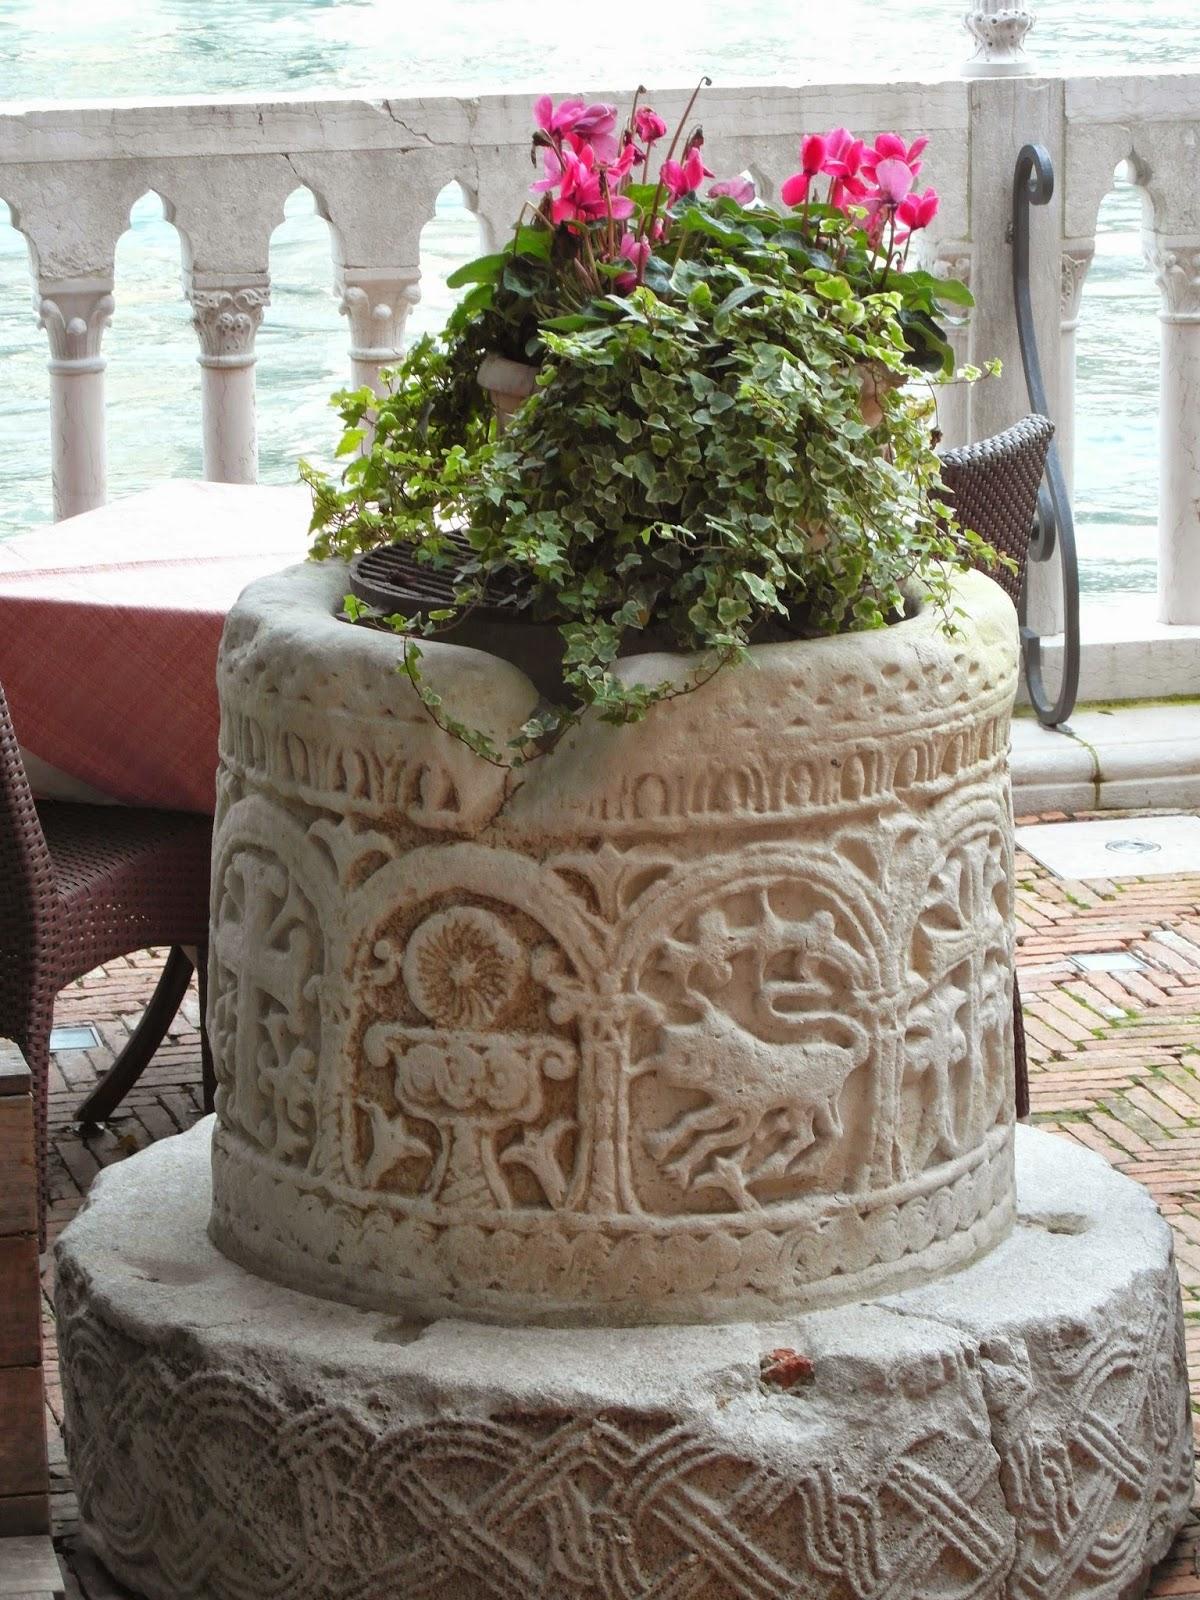 Well-head (vera da pozzo), Hotel Stern, Venice